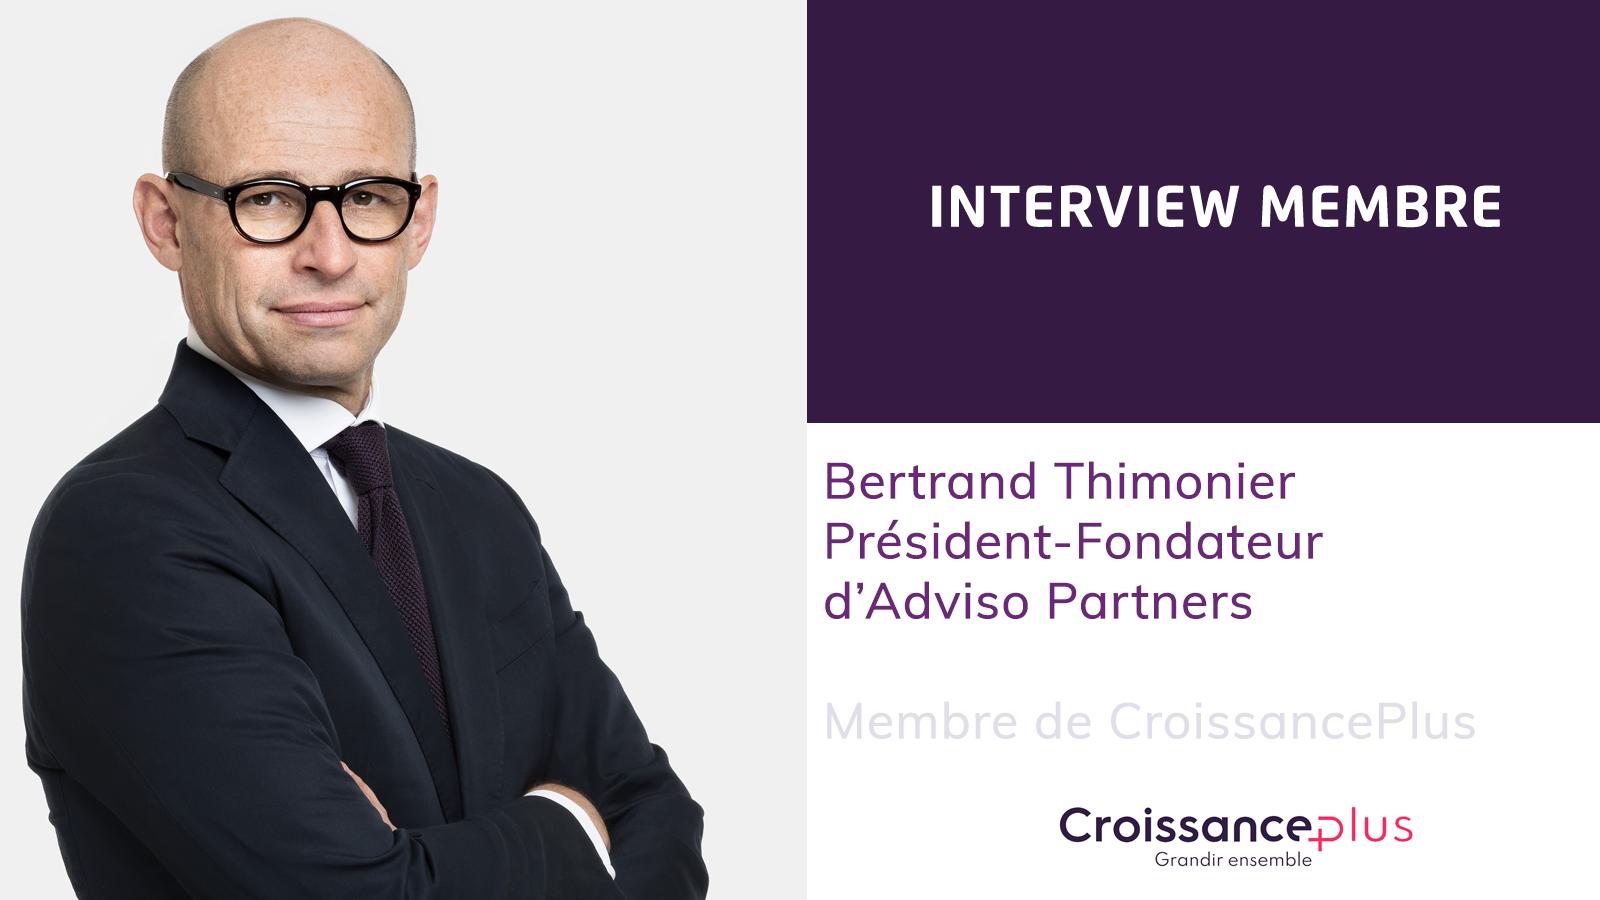 Découvrez Bertrand Thimonier, Président-Fondateur d'Adviso Partners